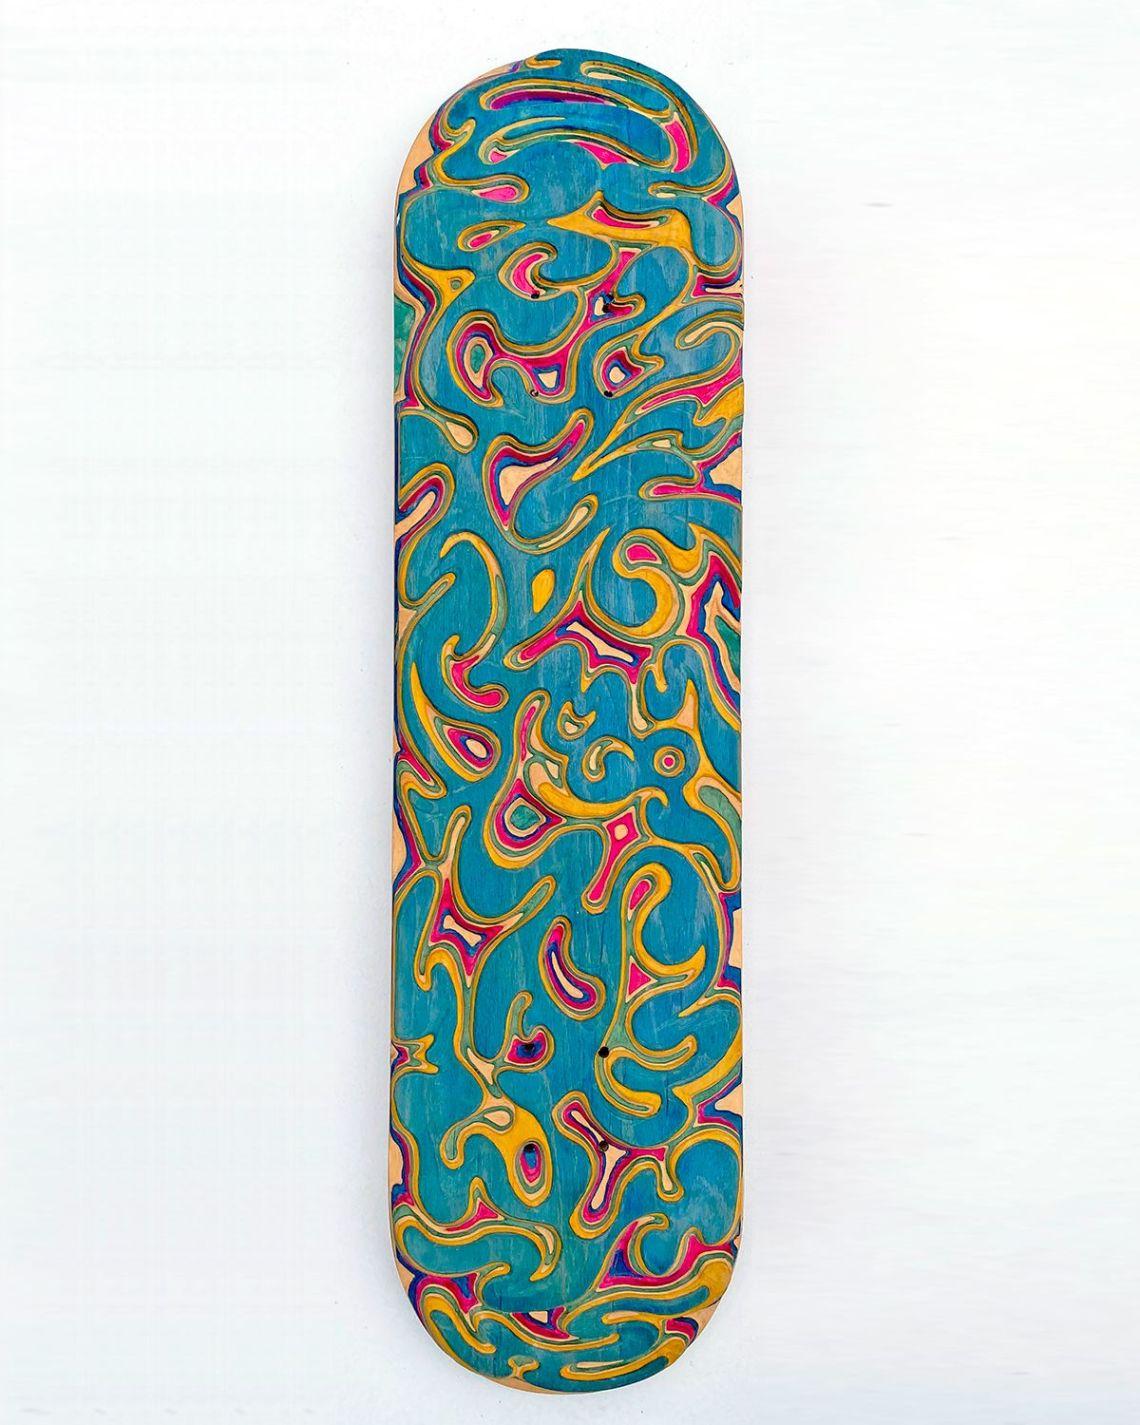 Carving Custom Skateboards By Tom Le Maitre 8